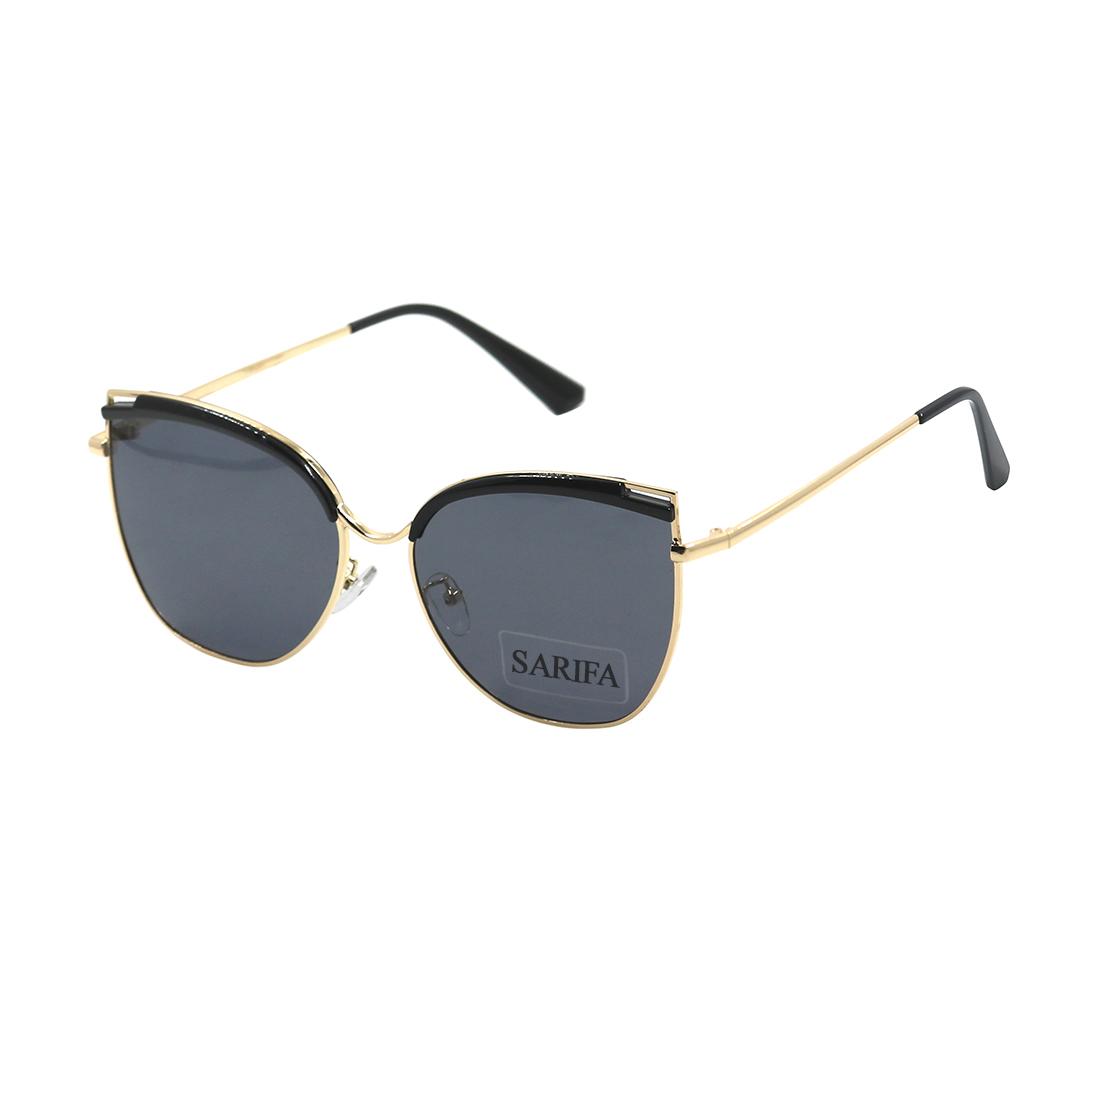 Kính mát, mắt kính SARIFA J1908-J1953, mắt kính chống UV, mắt kính thời trang